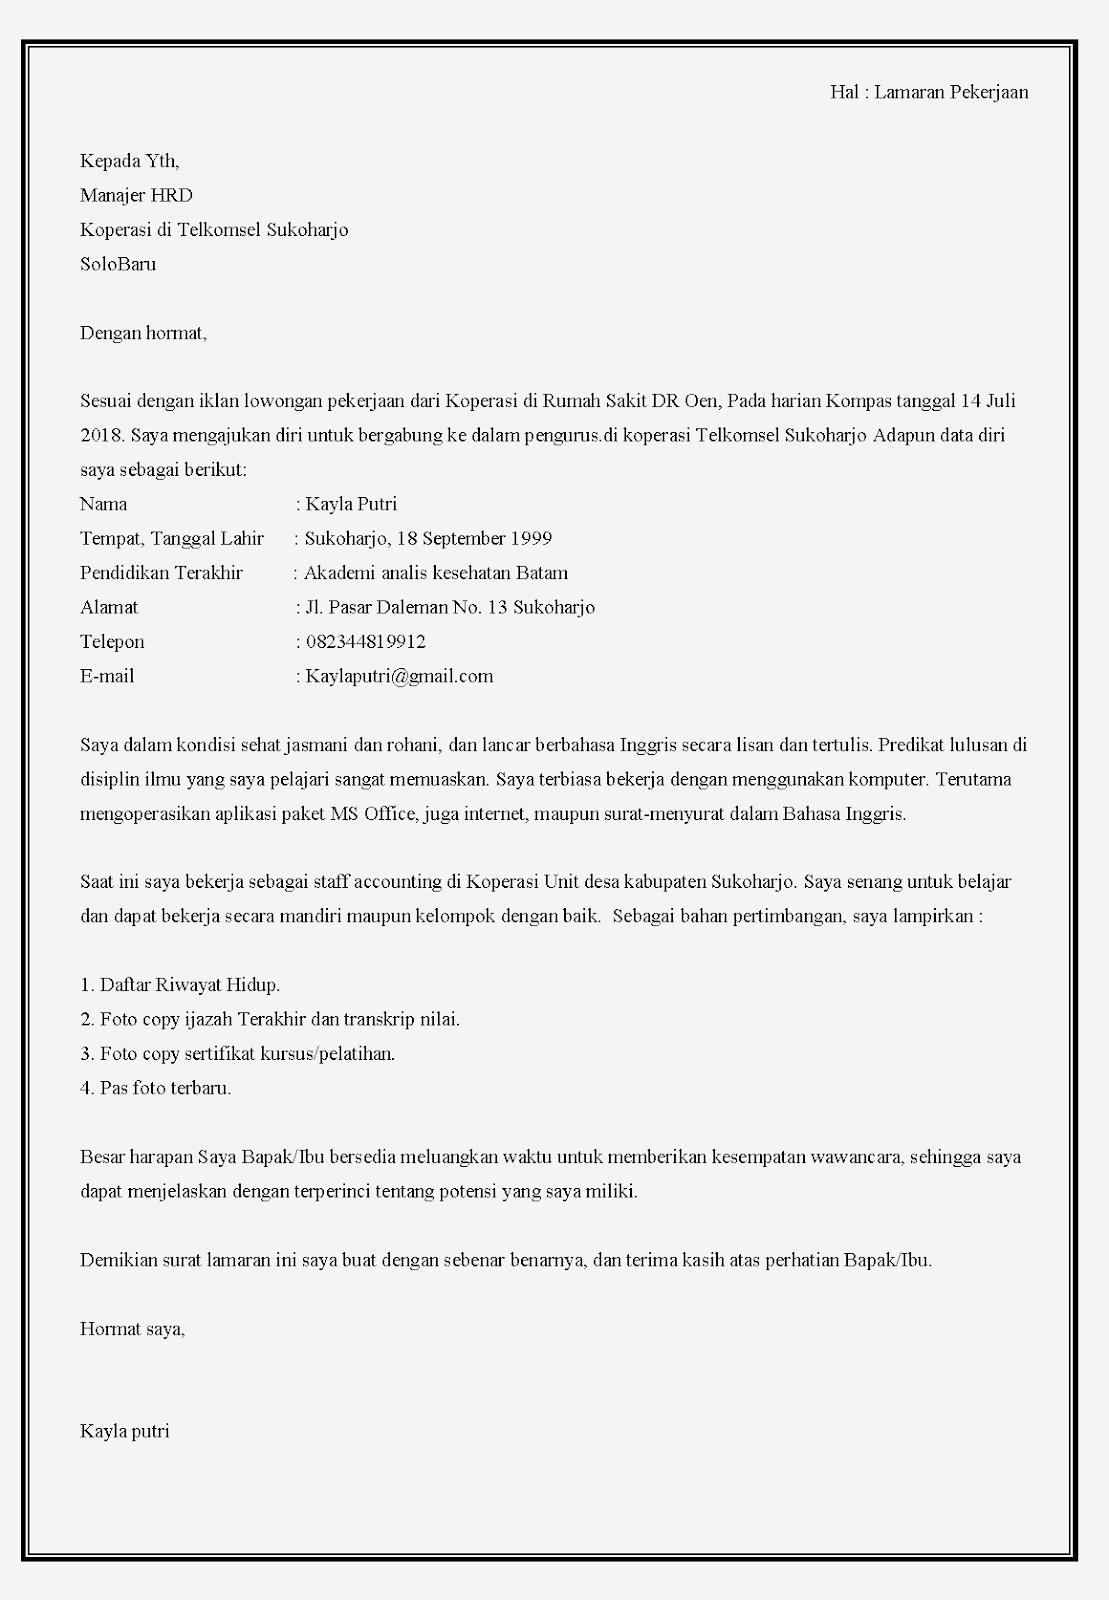 Contoh surat lamaran kerja koperasi Telkomsel